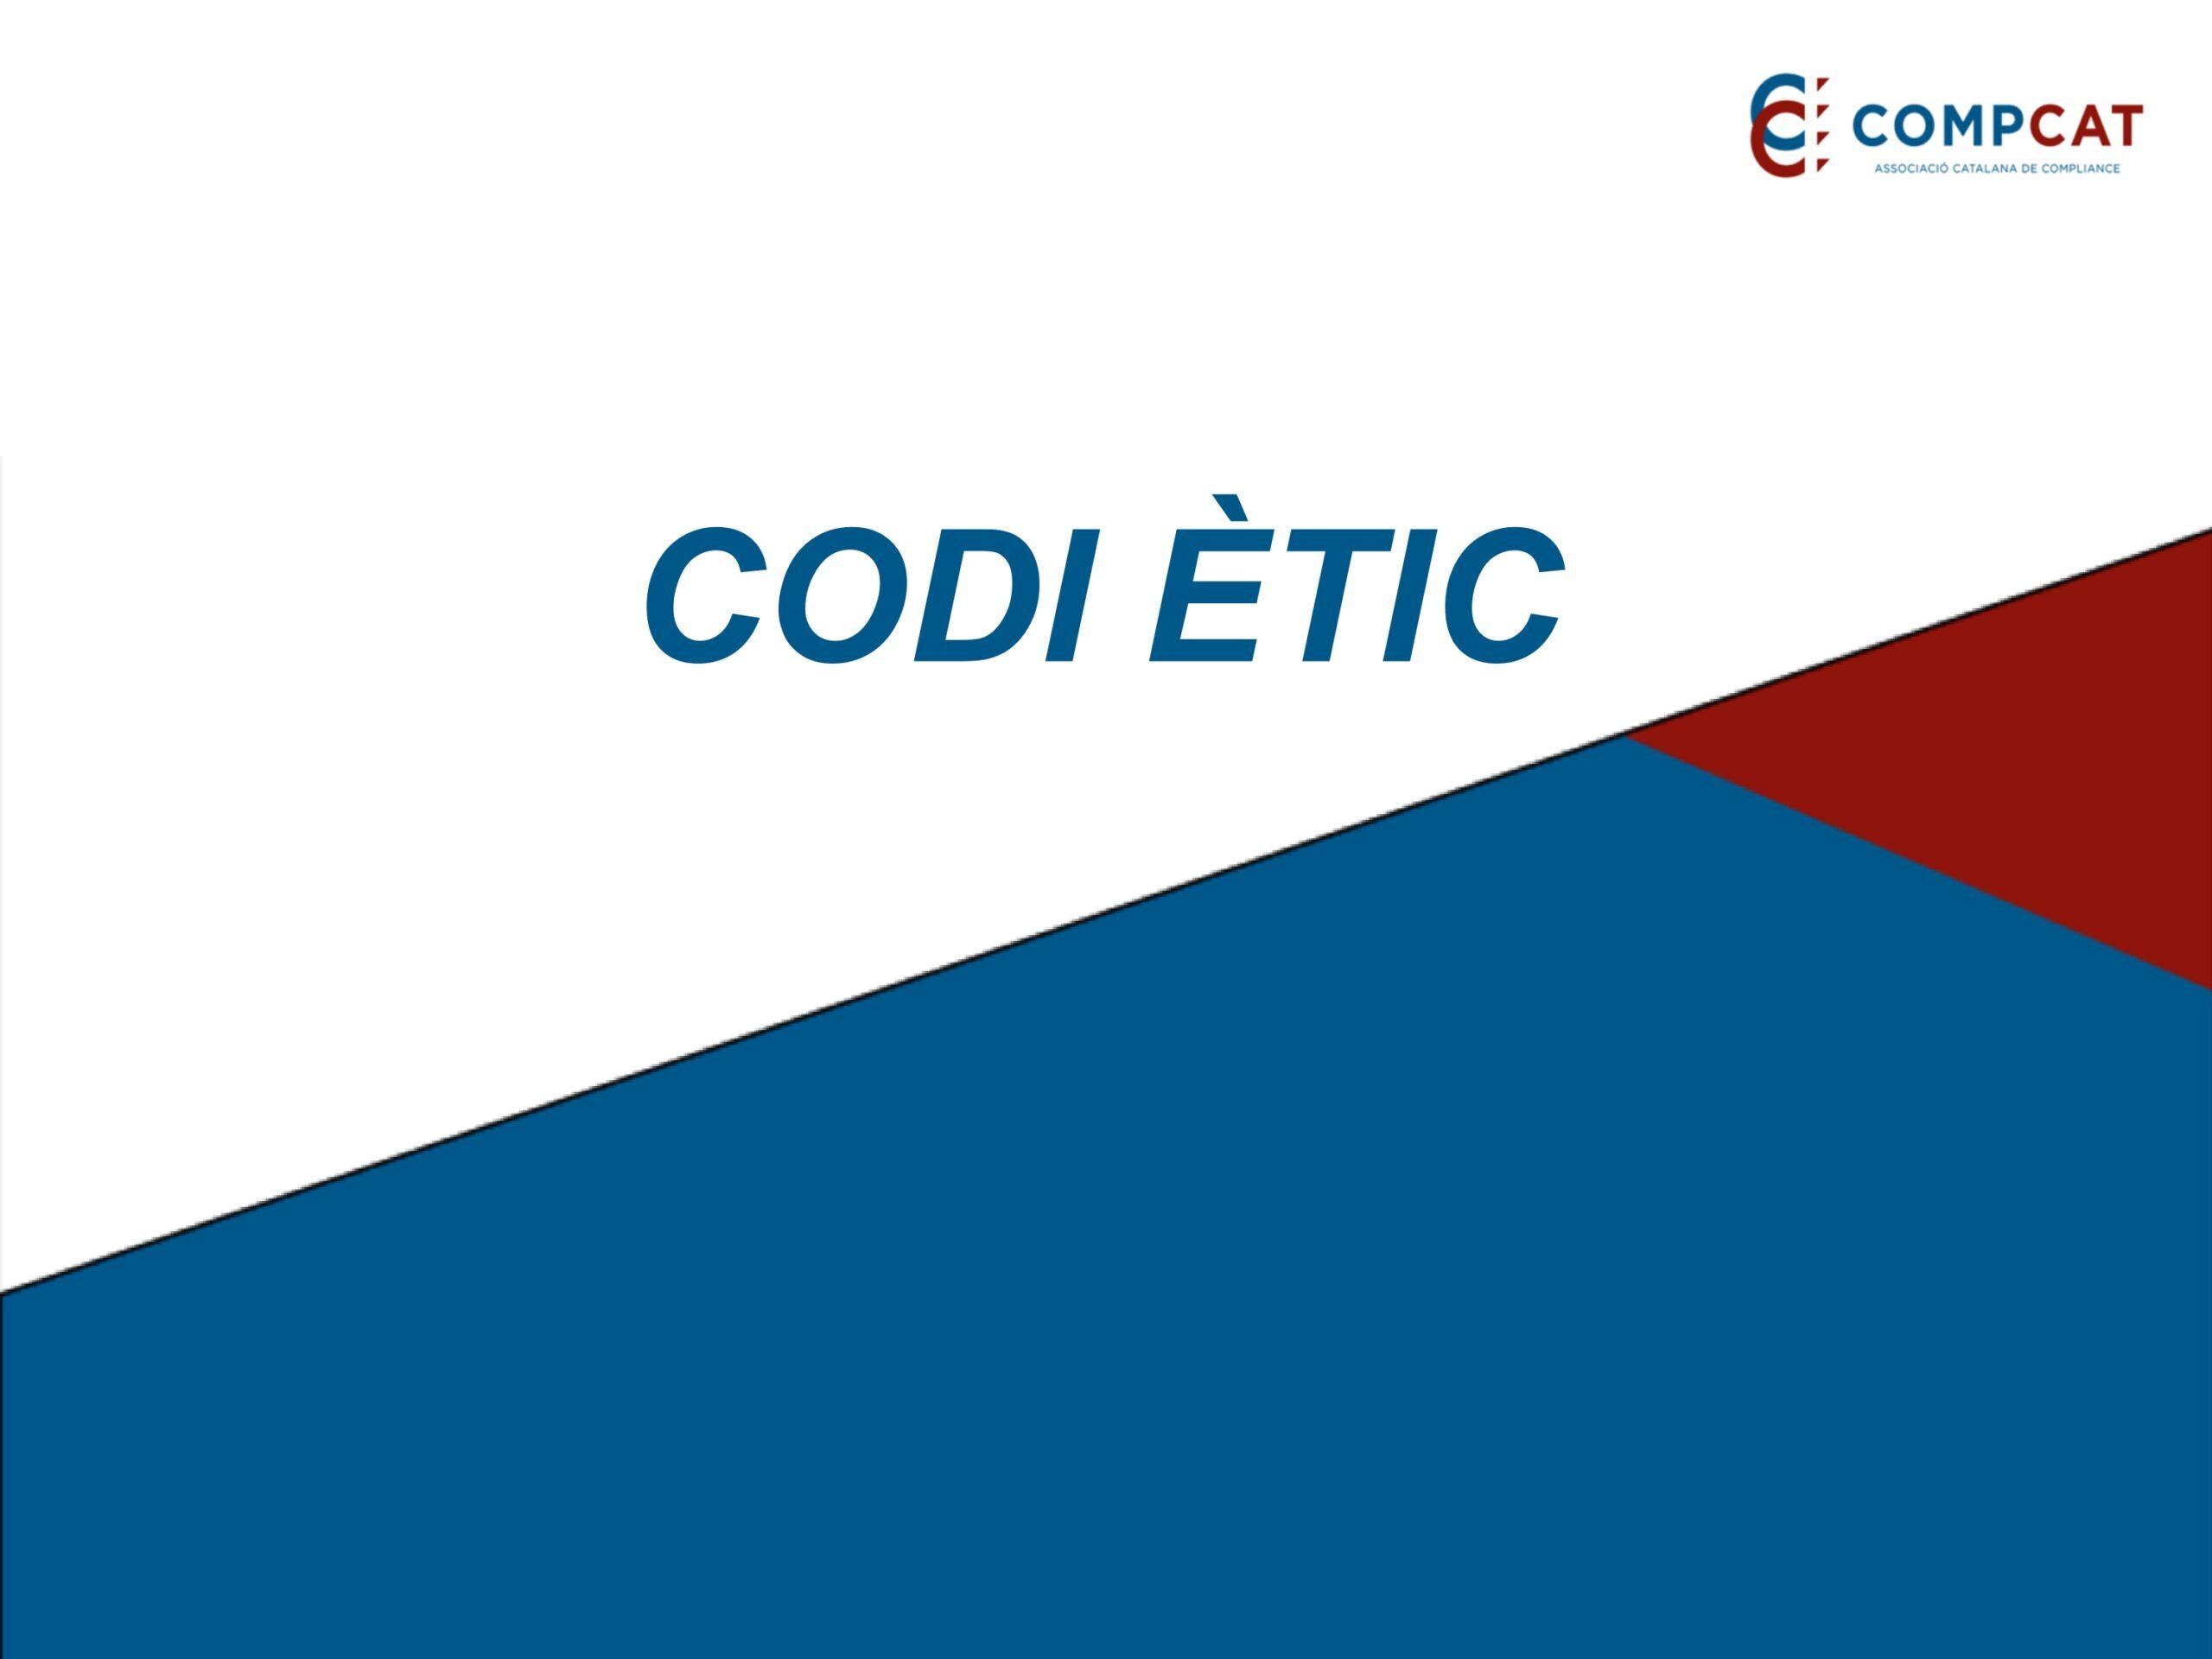 CODI-ÈTIC-COMPCAT_001